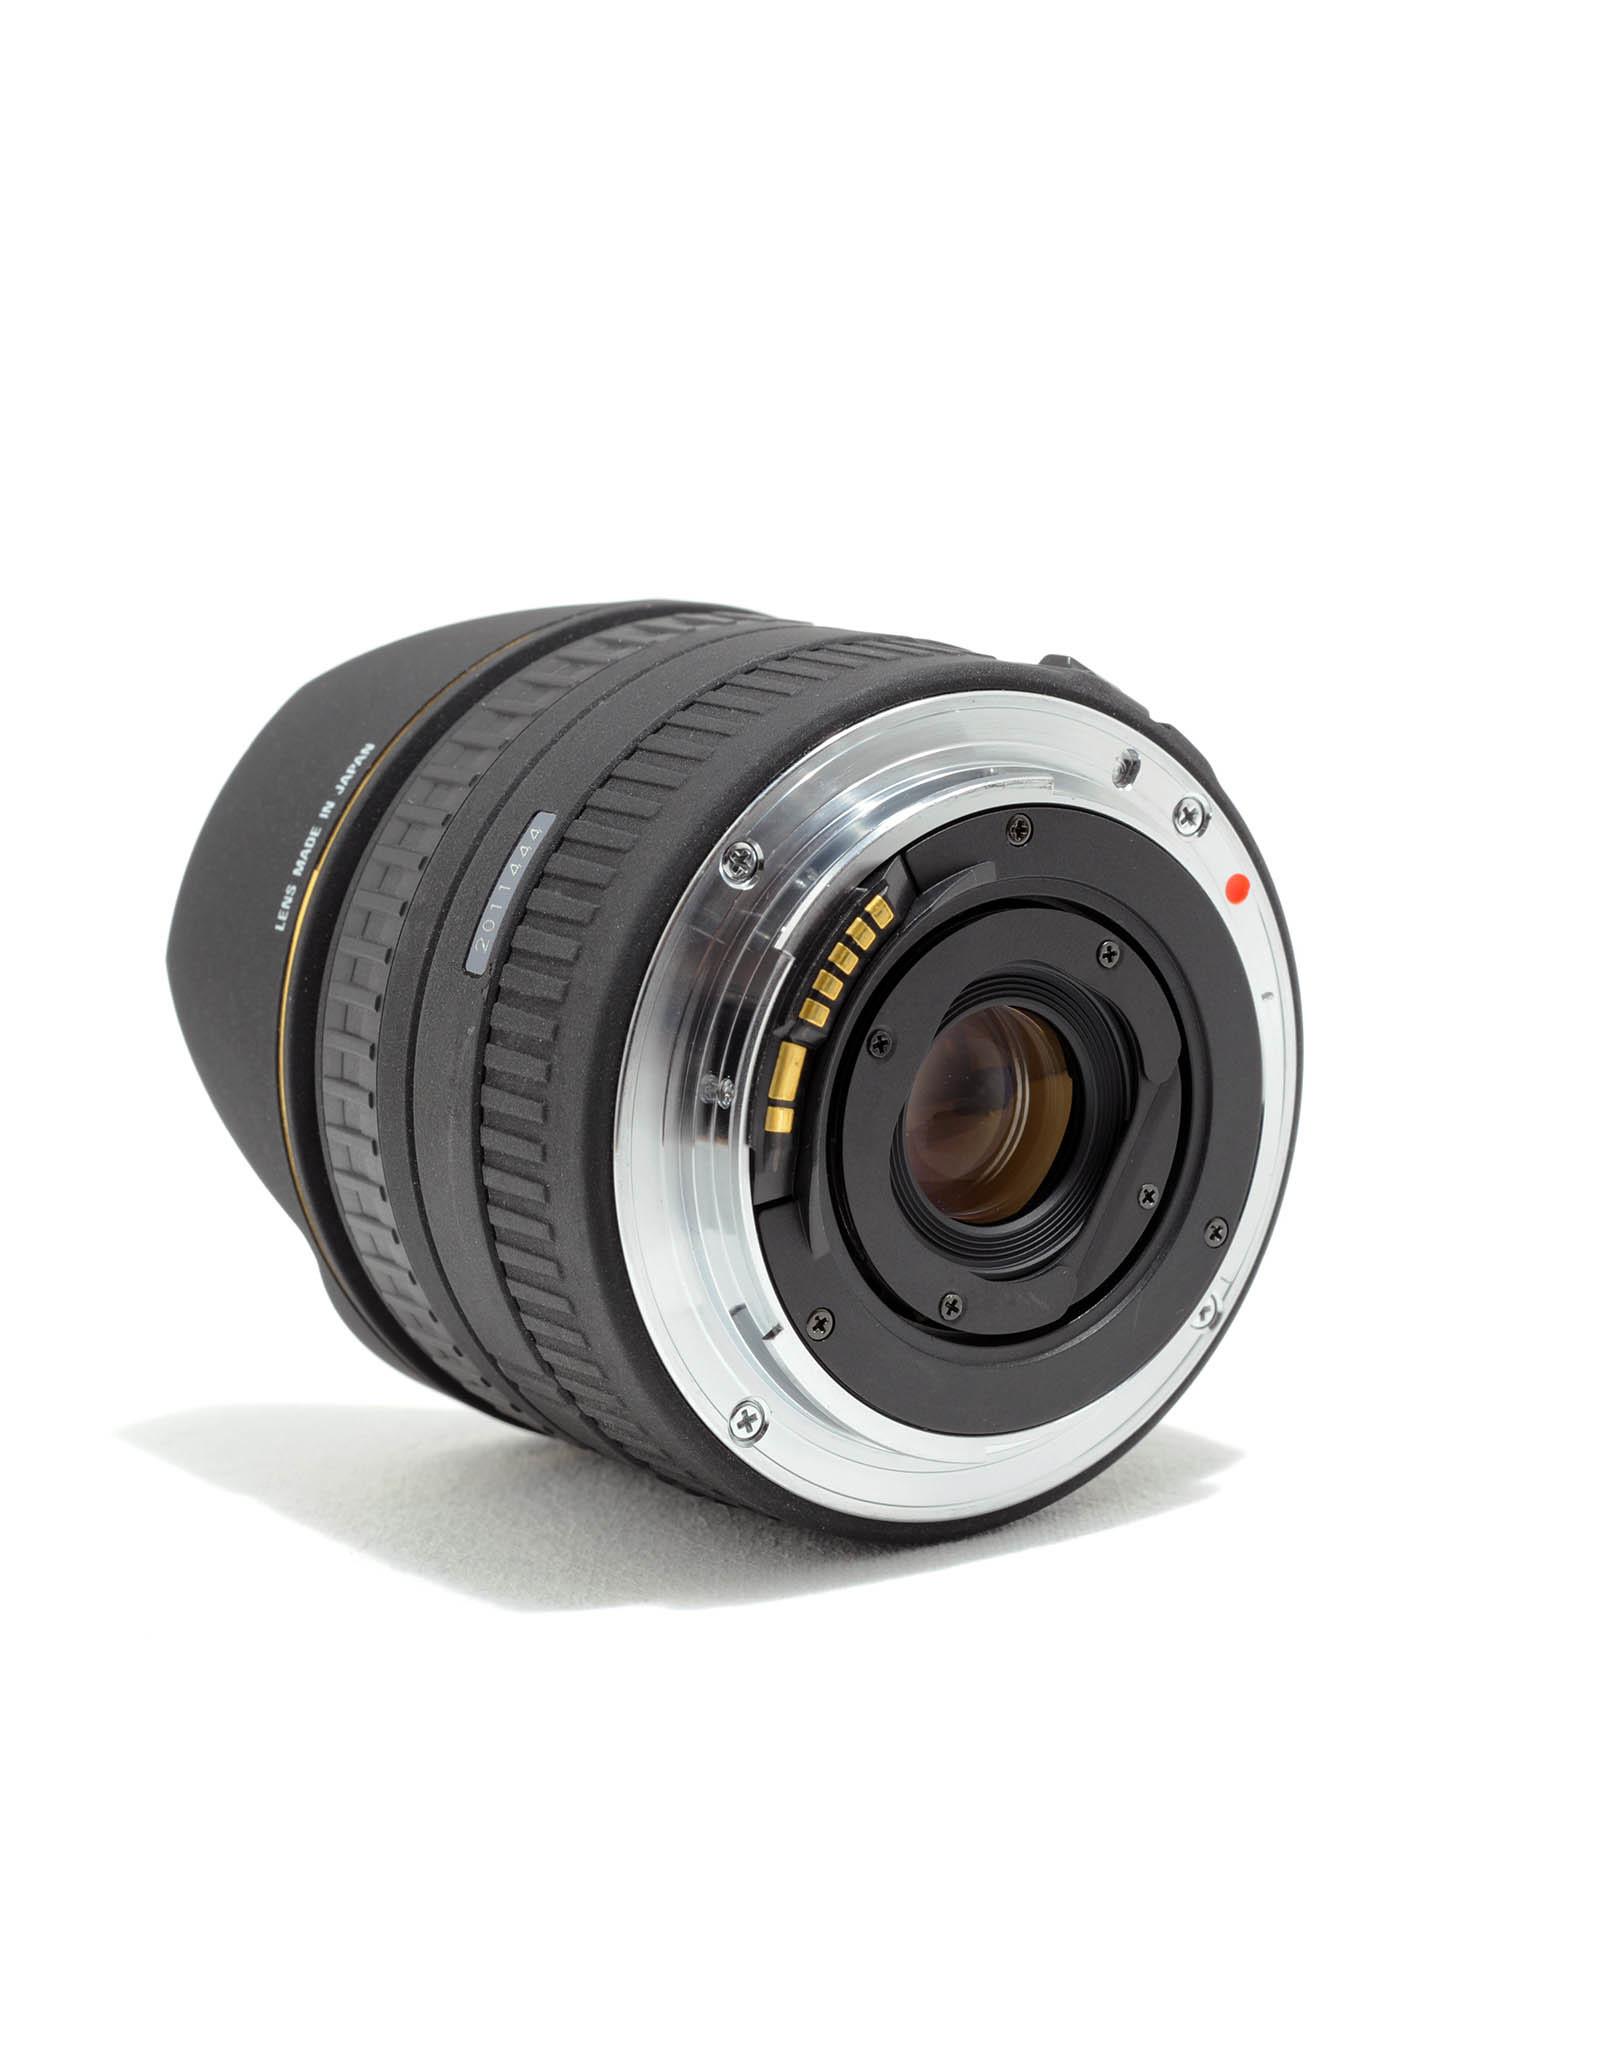 Sigma Sigma 15mm f2.8 EX Fisheye   SIG9081402